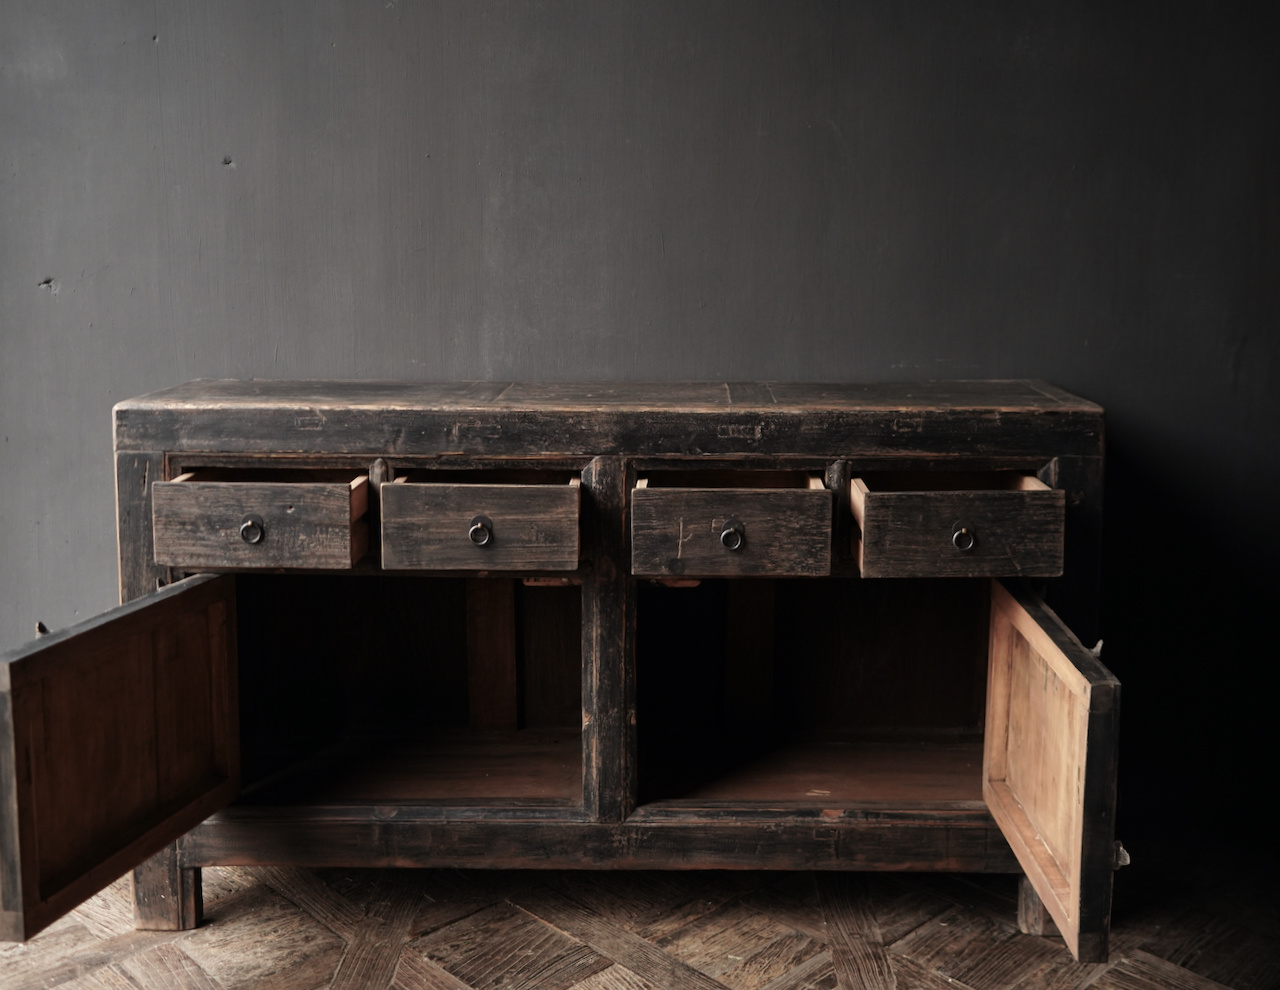 Altes authentisches schwarz / braunes Sideboard mit zwei Türen und vier Schubladen-5